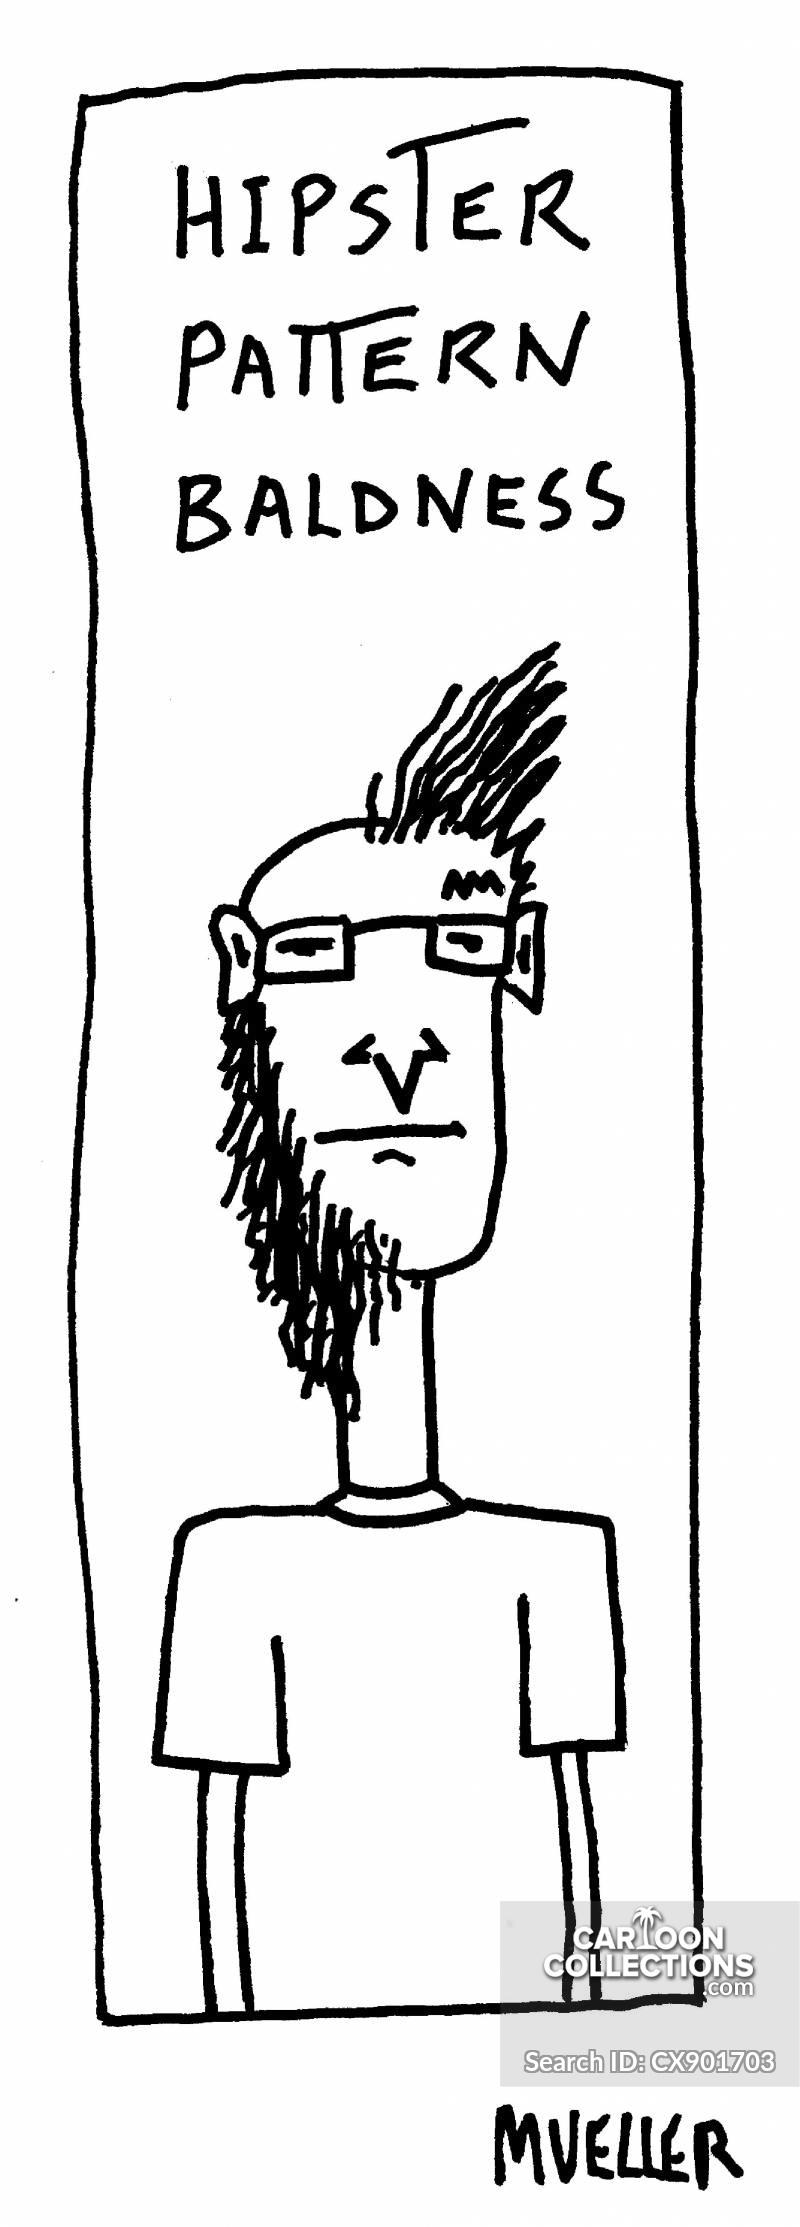 bohemian cartoon